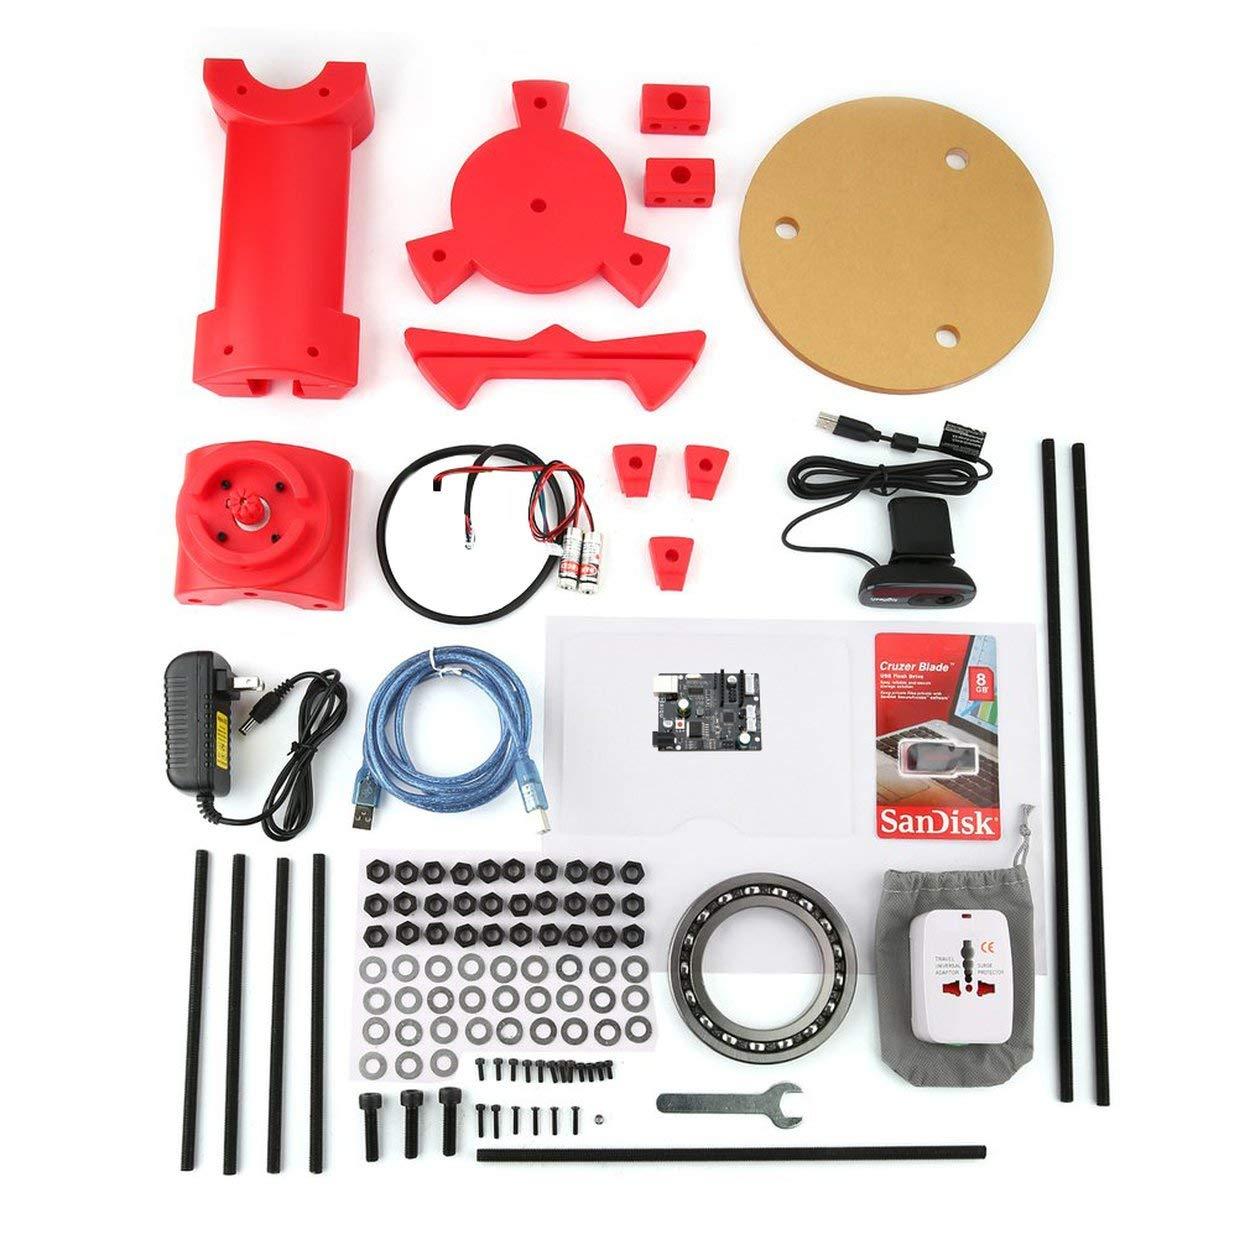 Lorenlli Kit de Plaque de Scanner Bricolage Haute précision 3D Un Adaptateur de Bureau Scanner adapté à l'imprimante Ciclop